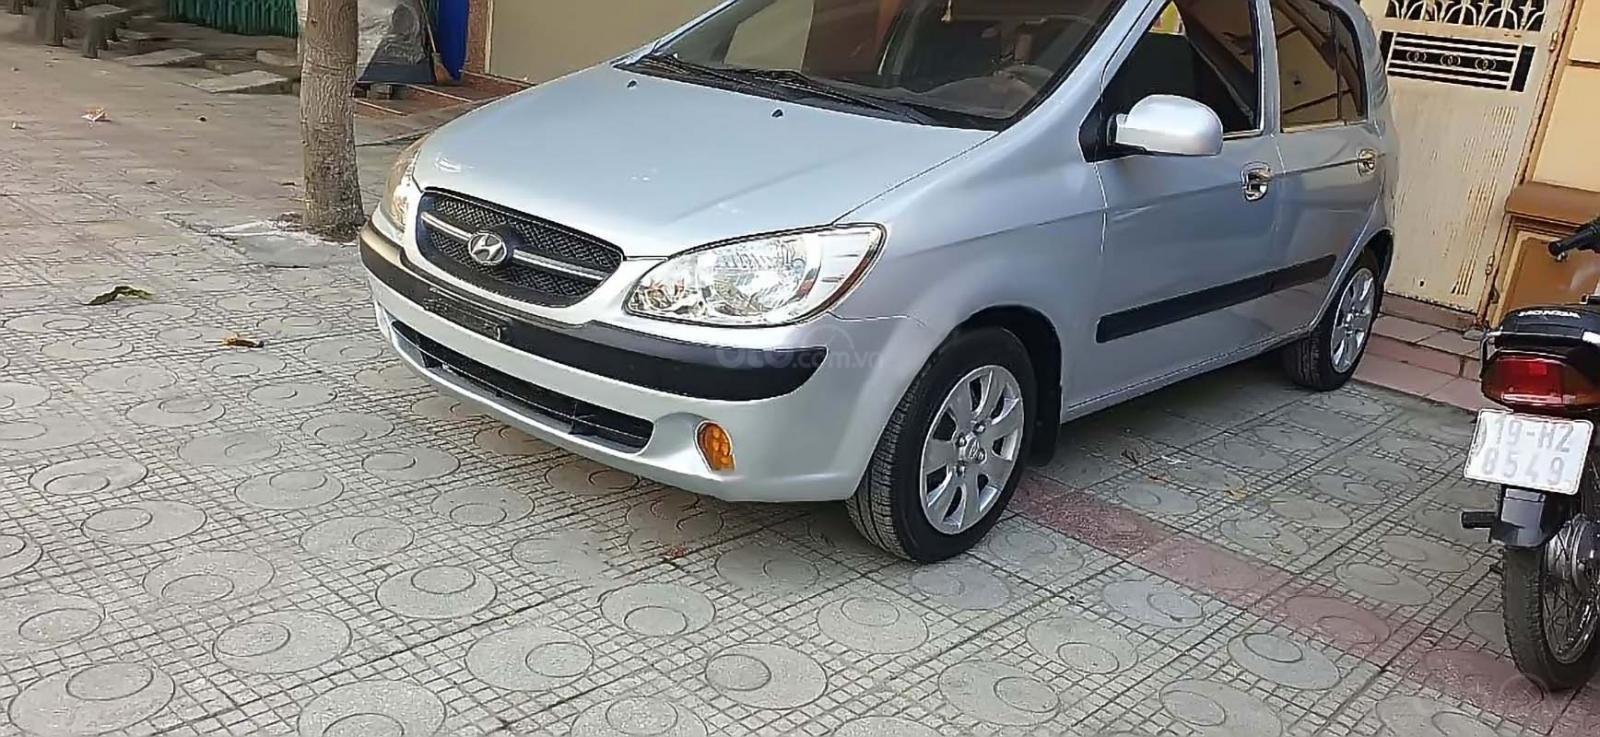 Bán Hyundai Getz 1.1 MT năm sản xuất 2009, màu bạc, nhập khẩu  (1)